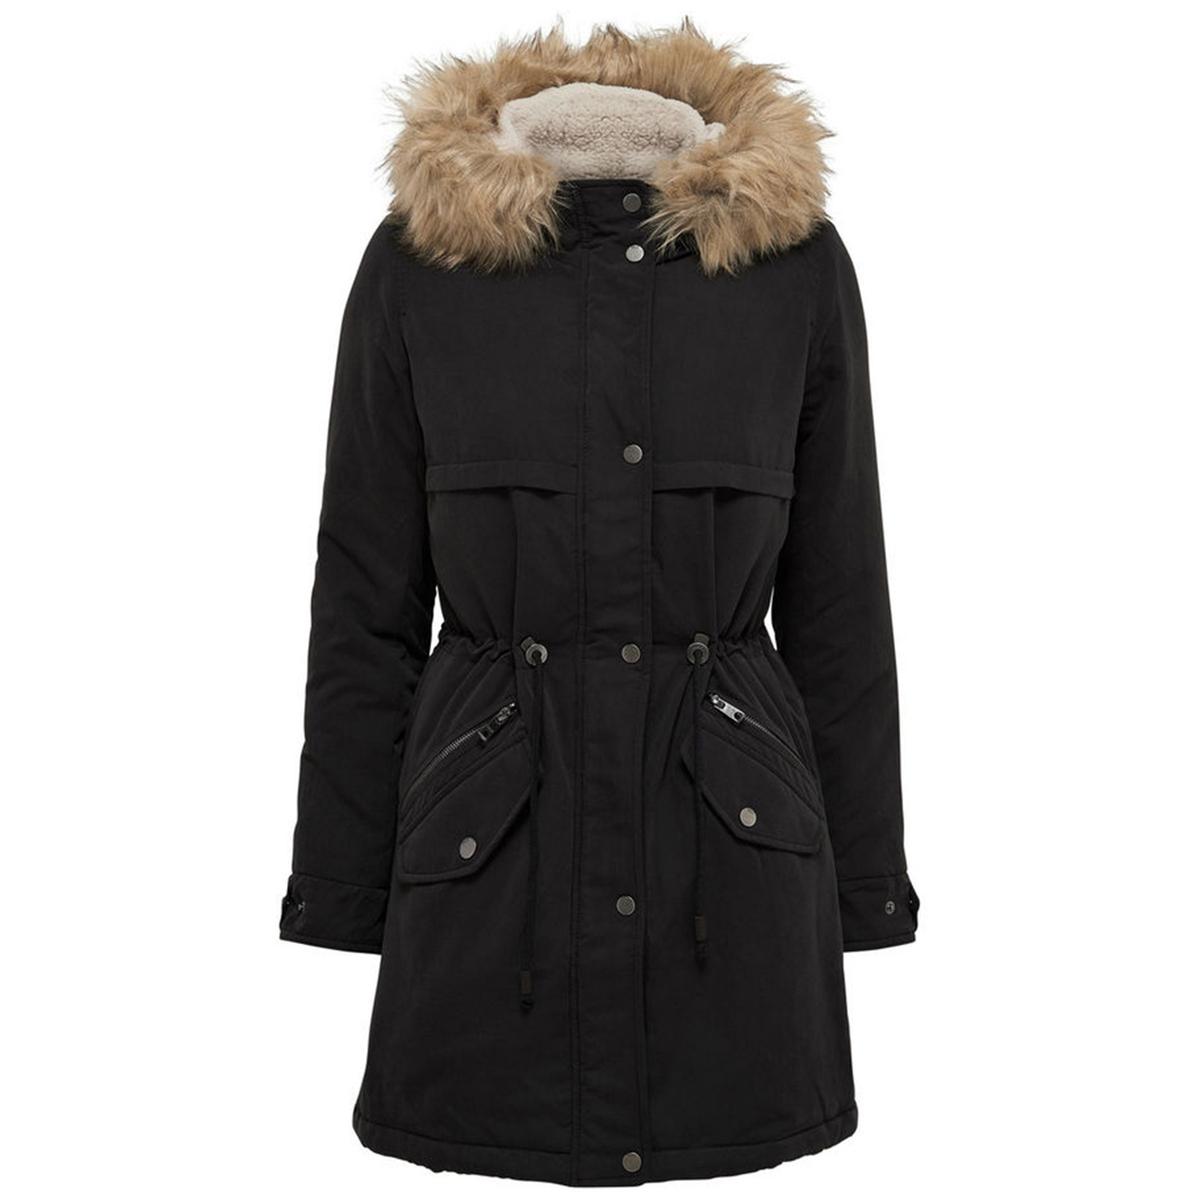 Пальто-парка с капюшоном средней длины куртка средней длины с капюшоном